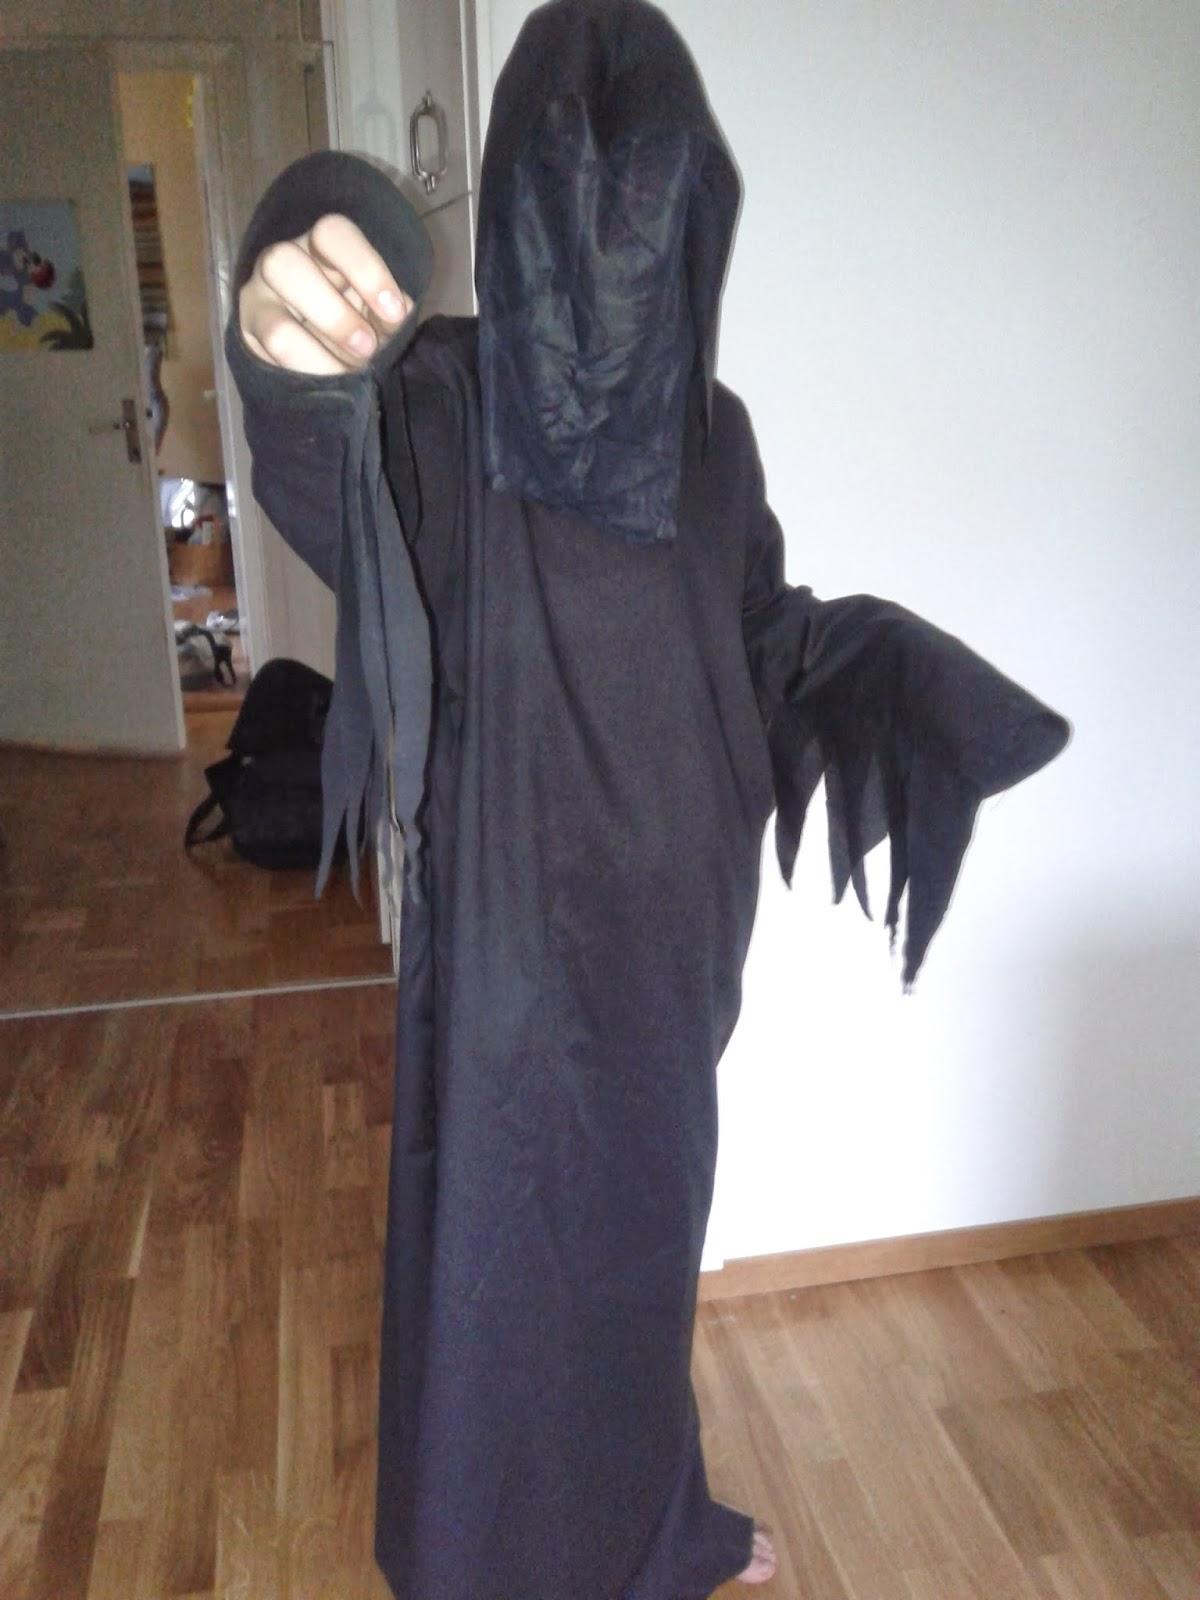 I helgen sydde jag en dräkt åt Martin som vill vara liemannen på  halloweenfesten på skolan på fredag. Det är inte lätt att fota denna svarta  figur. 3a9ae4e7edaa8